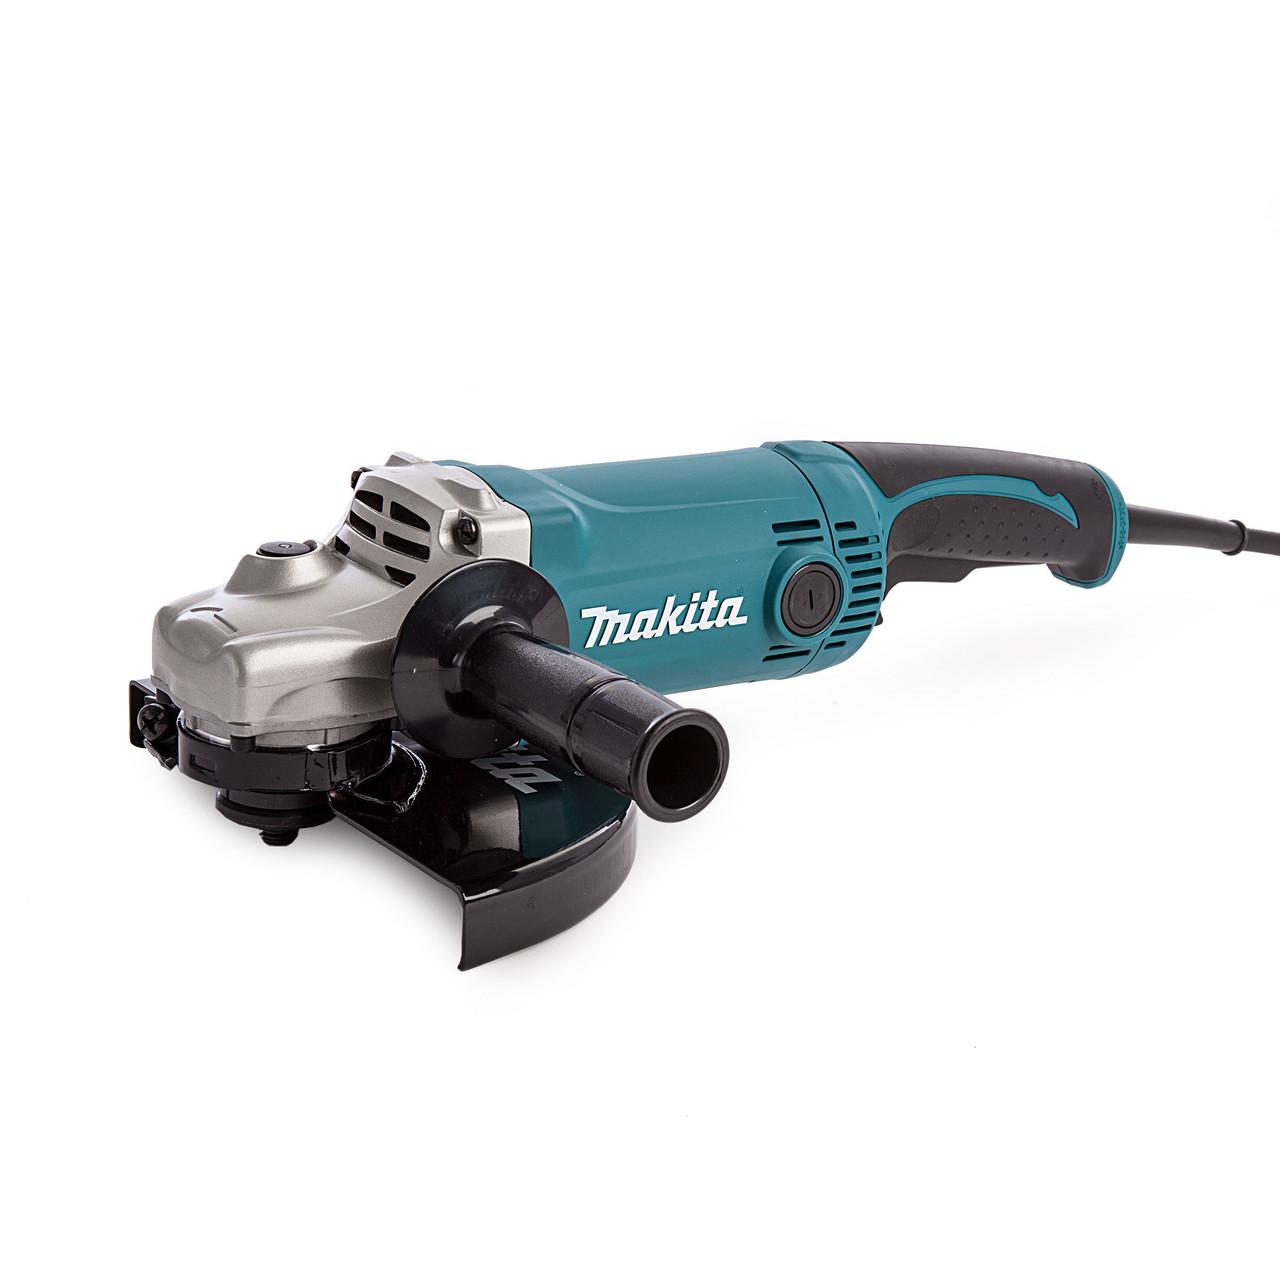 Makita GA9050 110 V 230 mm Angle Grinder